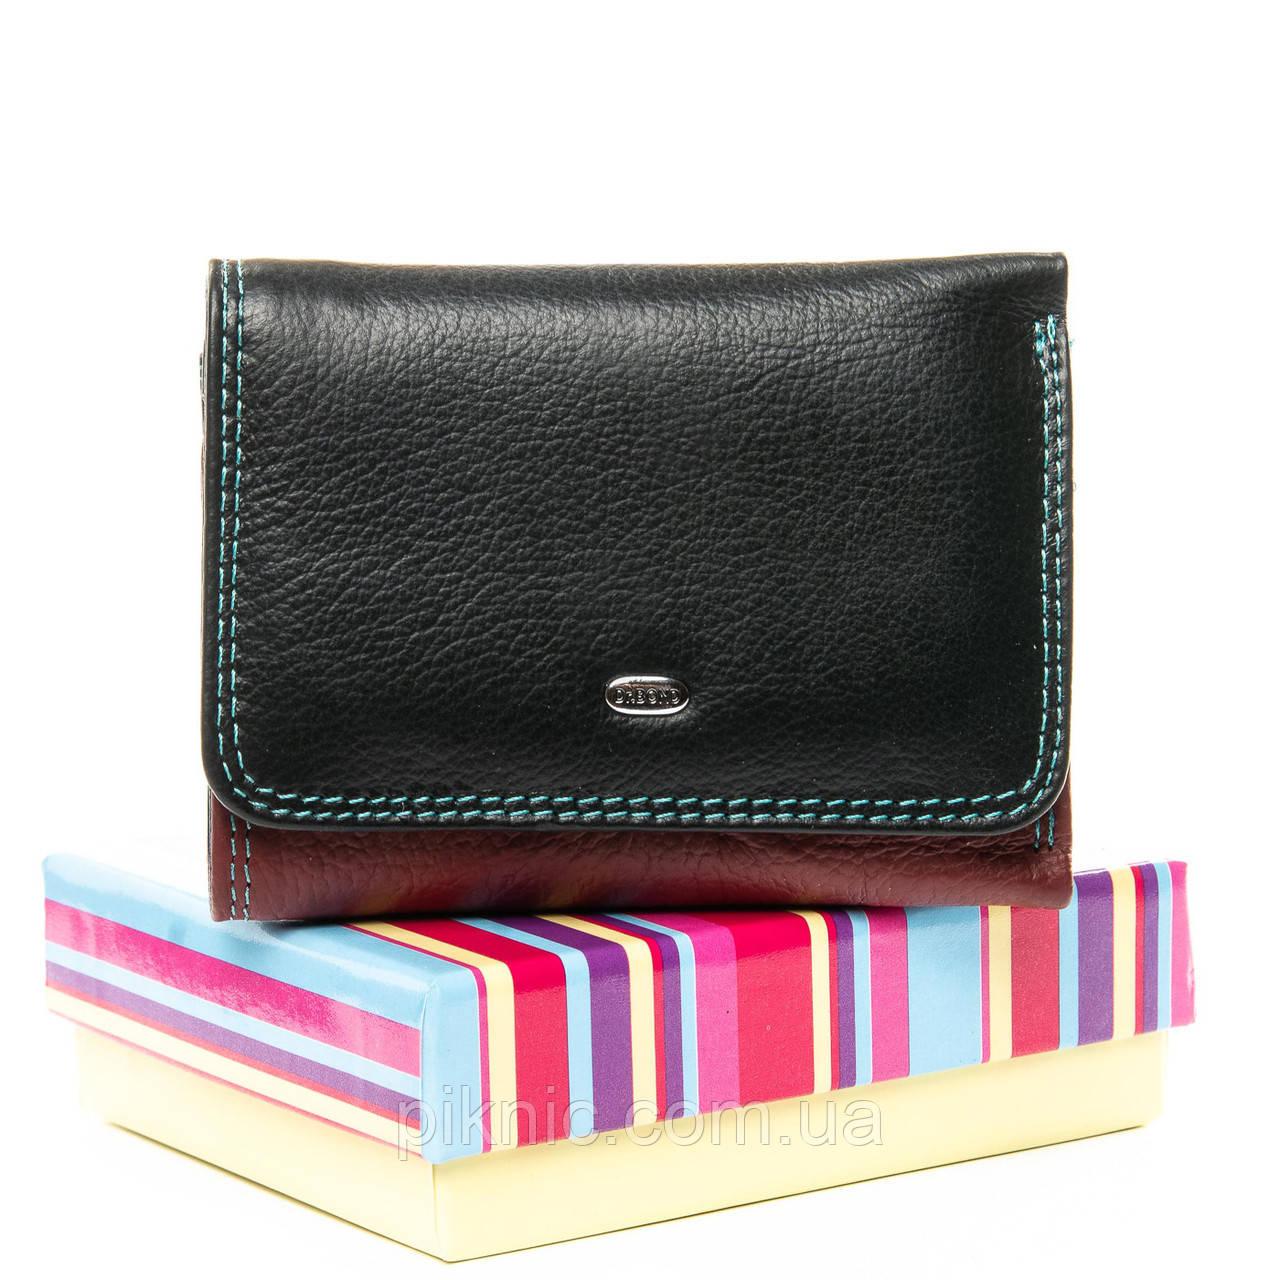 Женский кожаный кошелек, клатч, портмоне Dr Bond. Из натуральной кожи. Черный